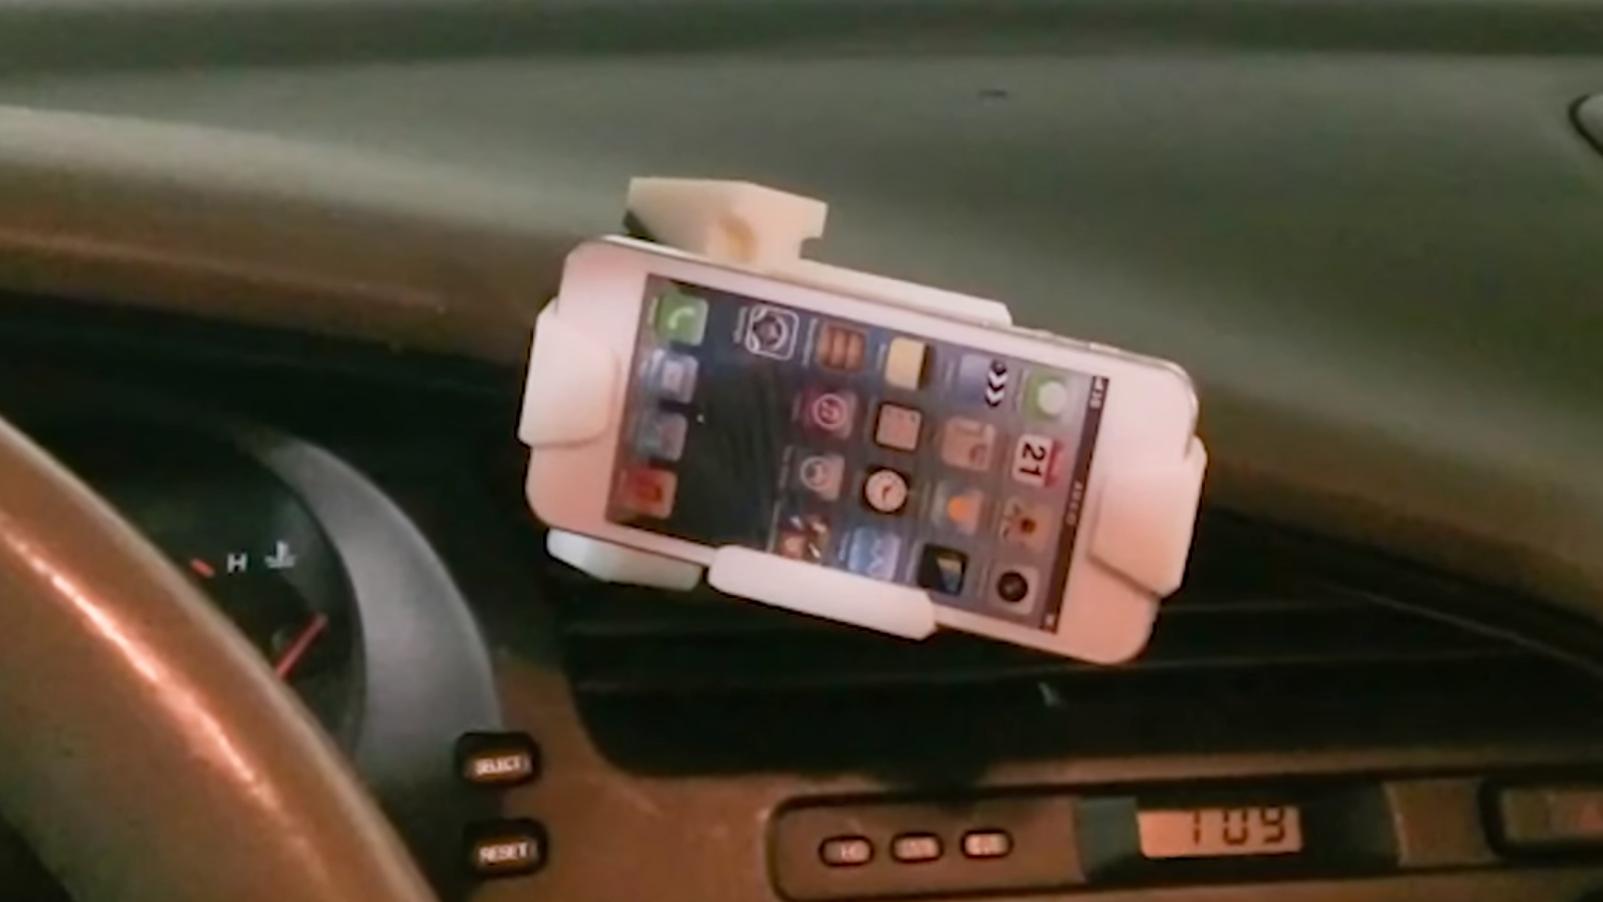 Slike mobilfester er det nå blitt enkelt å 3D-skrive